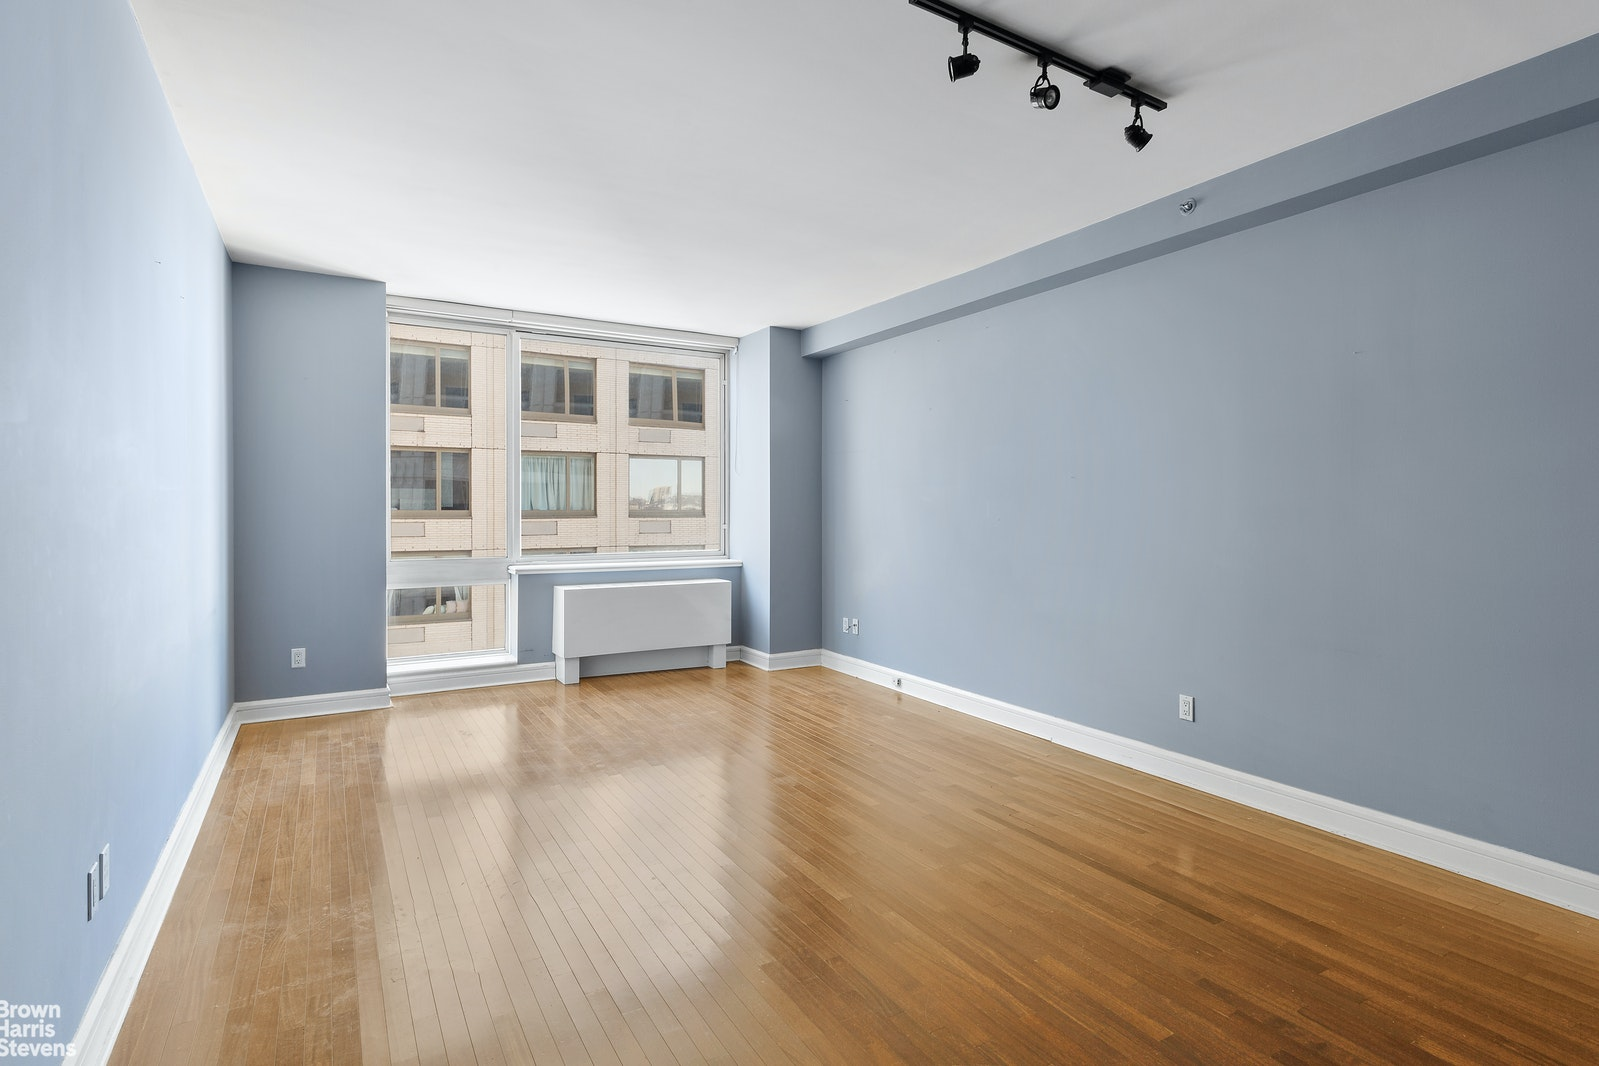 120 RIVERSIDE BOULEVARD 10T, Upper West Side, $1,250,000, Web #: 20013258